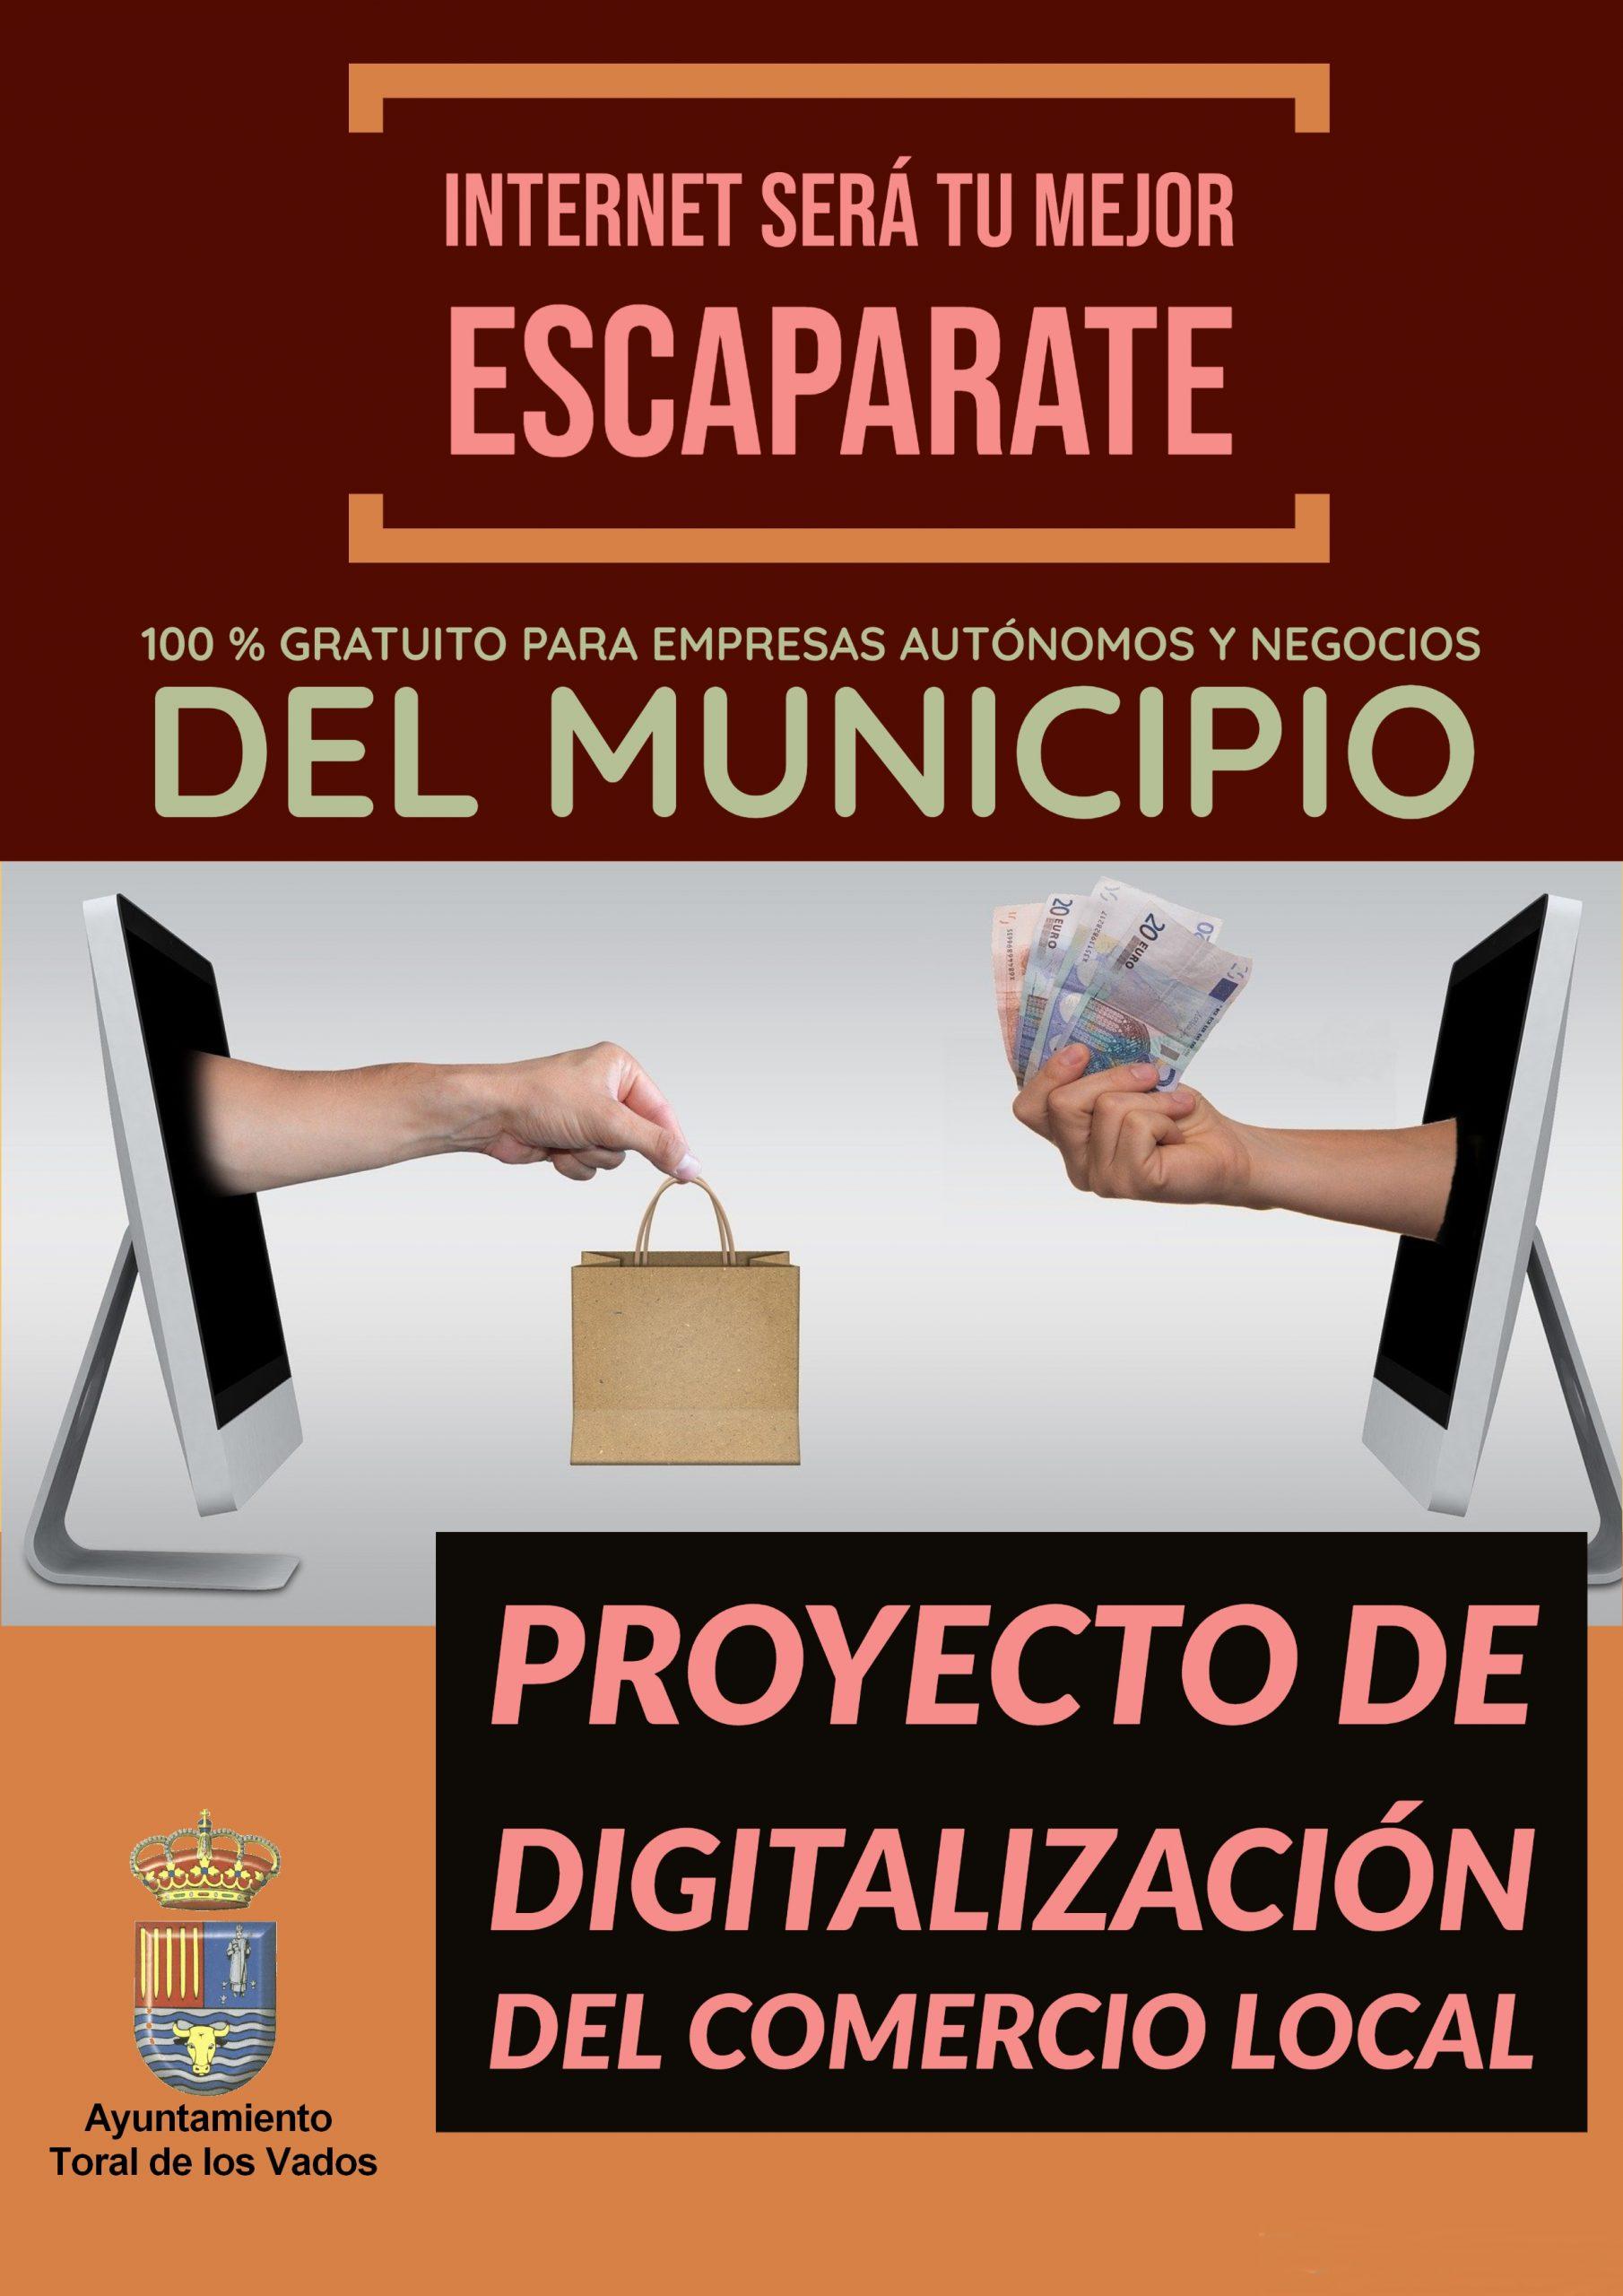 Toral de los Vados lanza una iniciativa para digitalizar el comercio y la hostelería de la localidad a través de una web 2